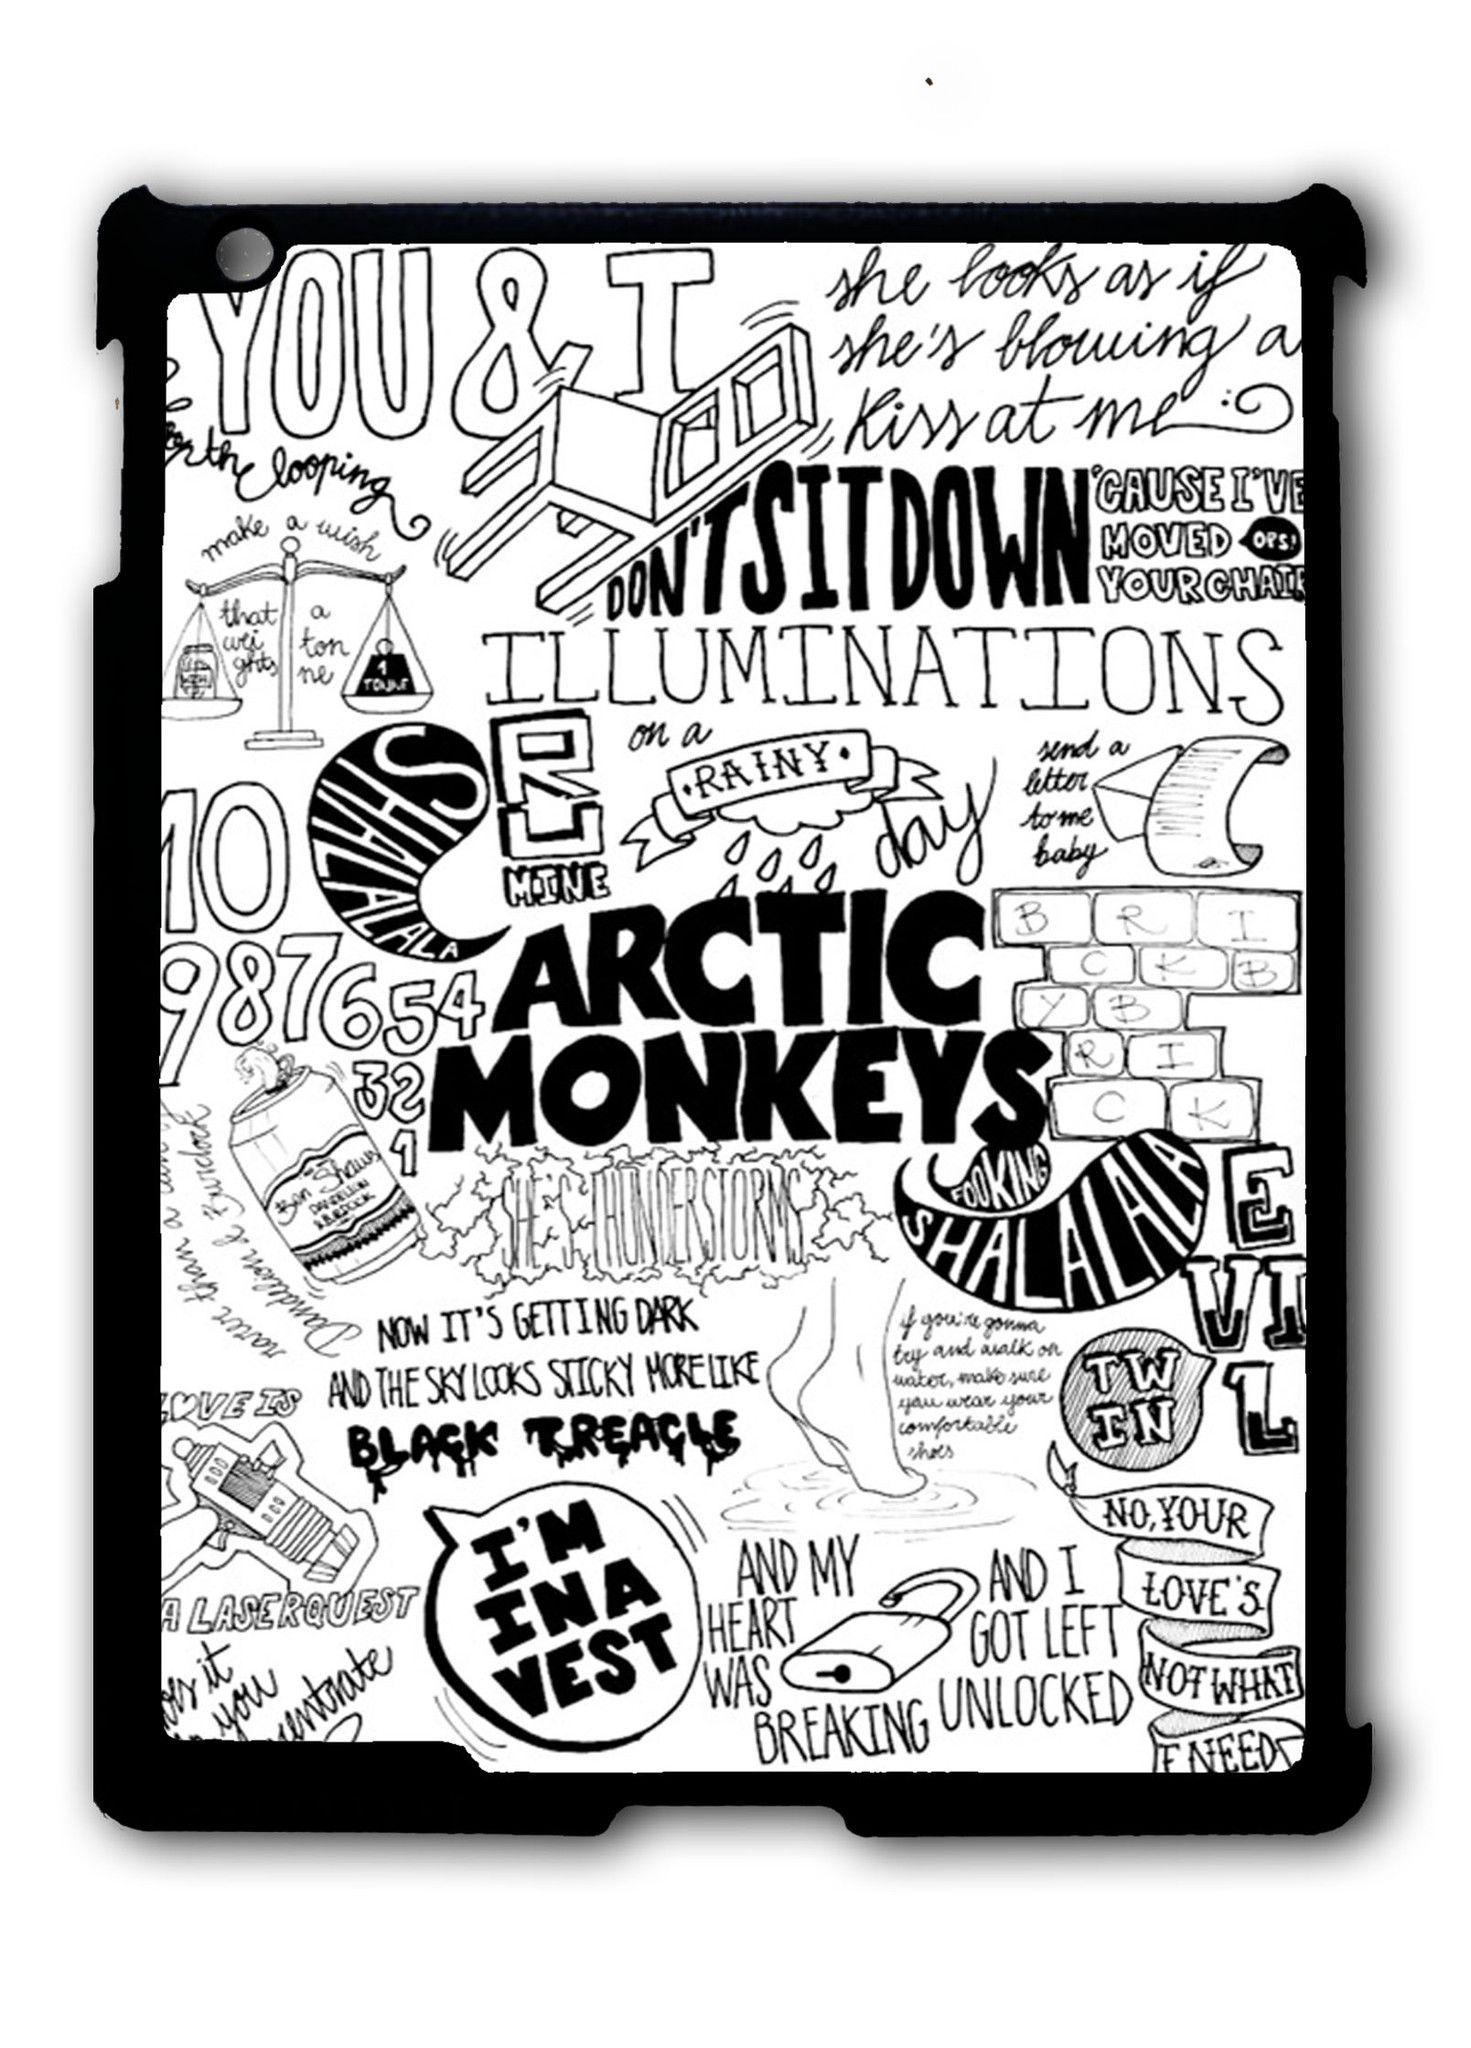 my arctic 1 2 3